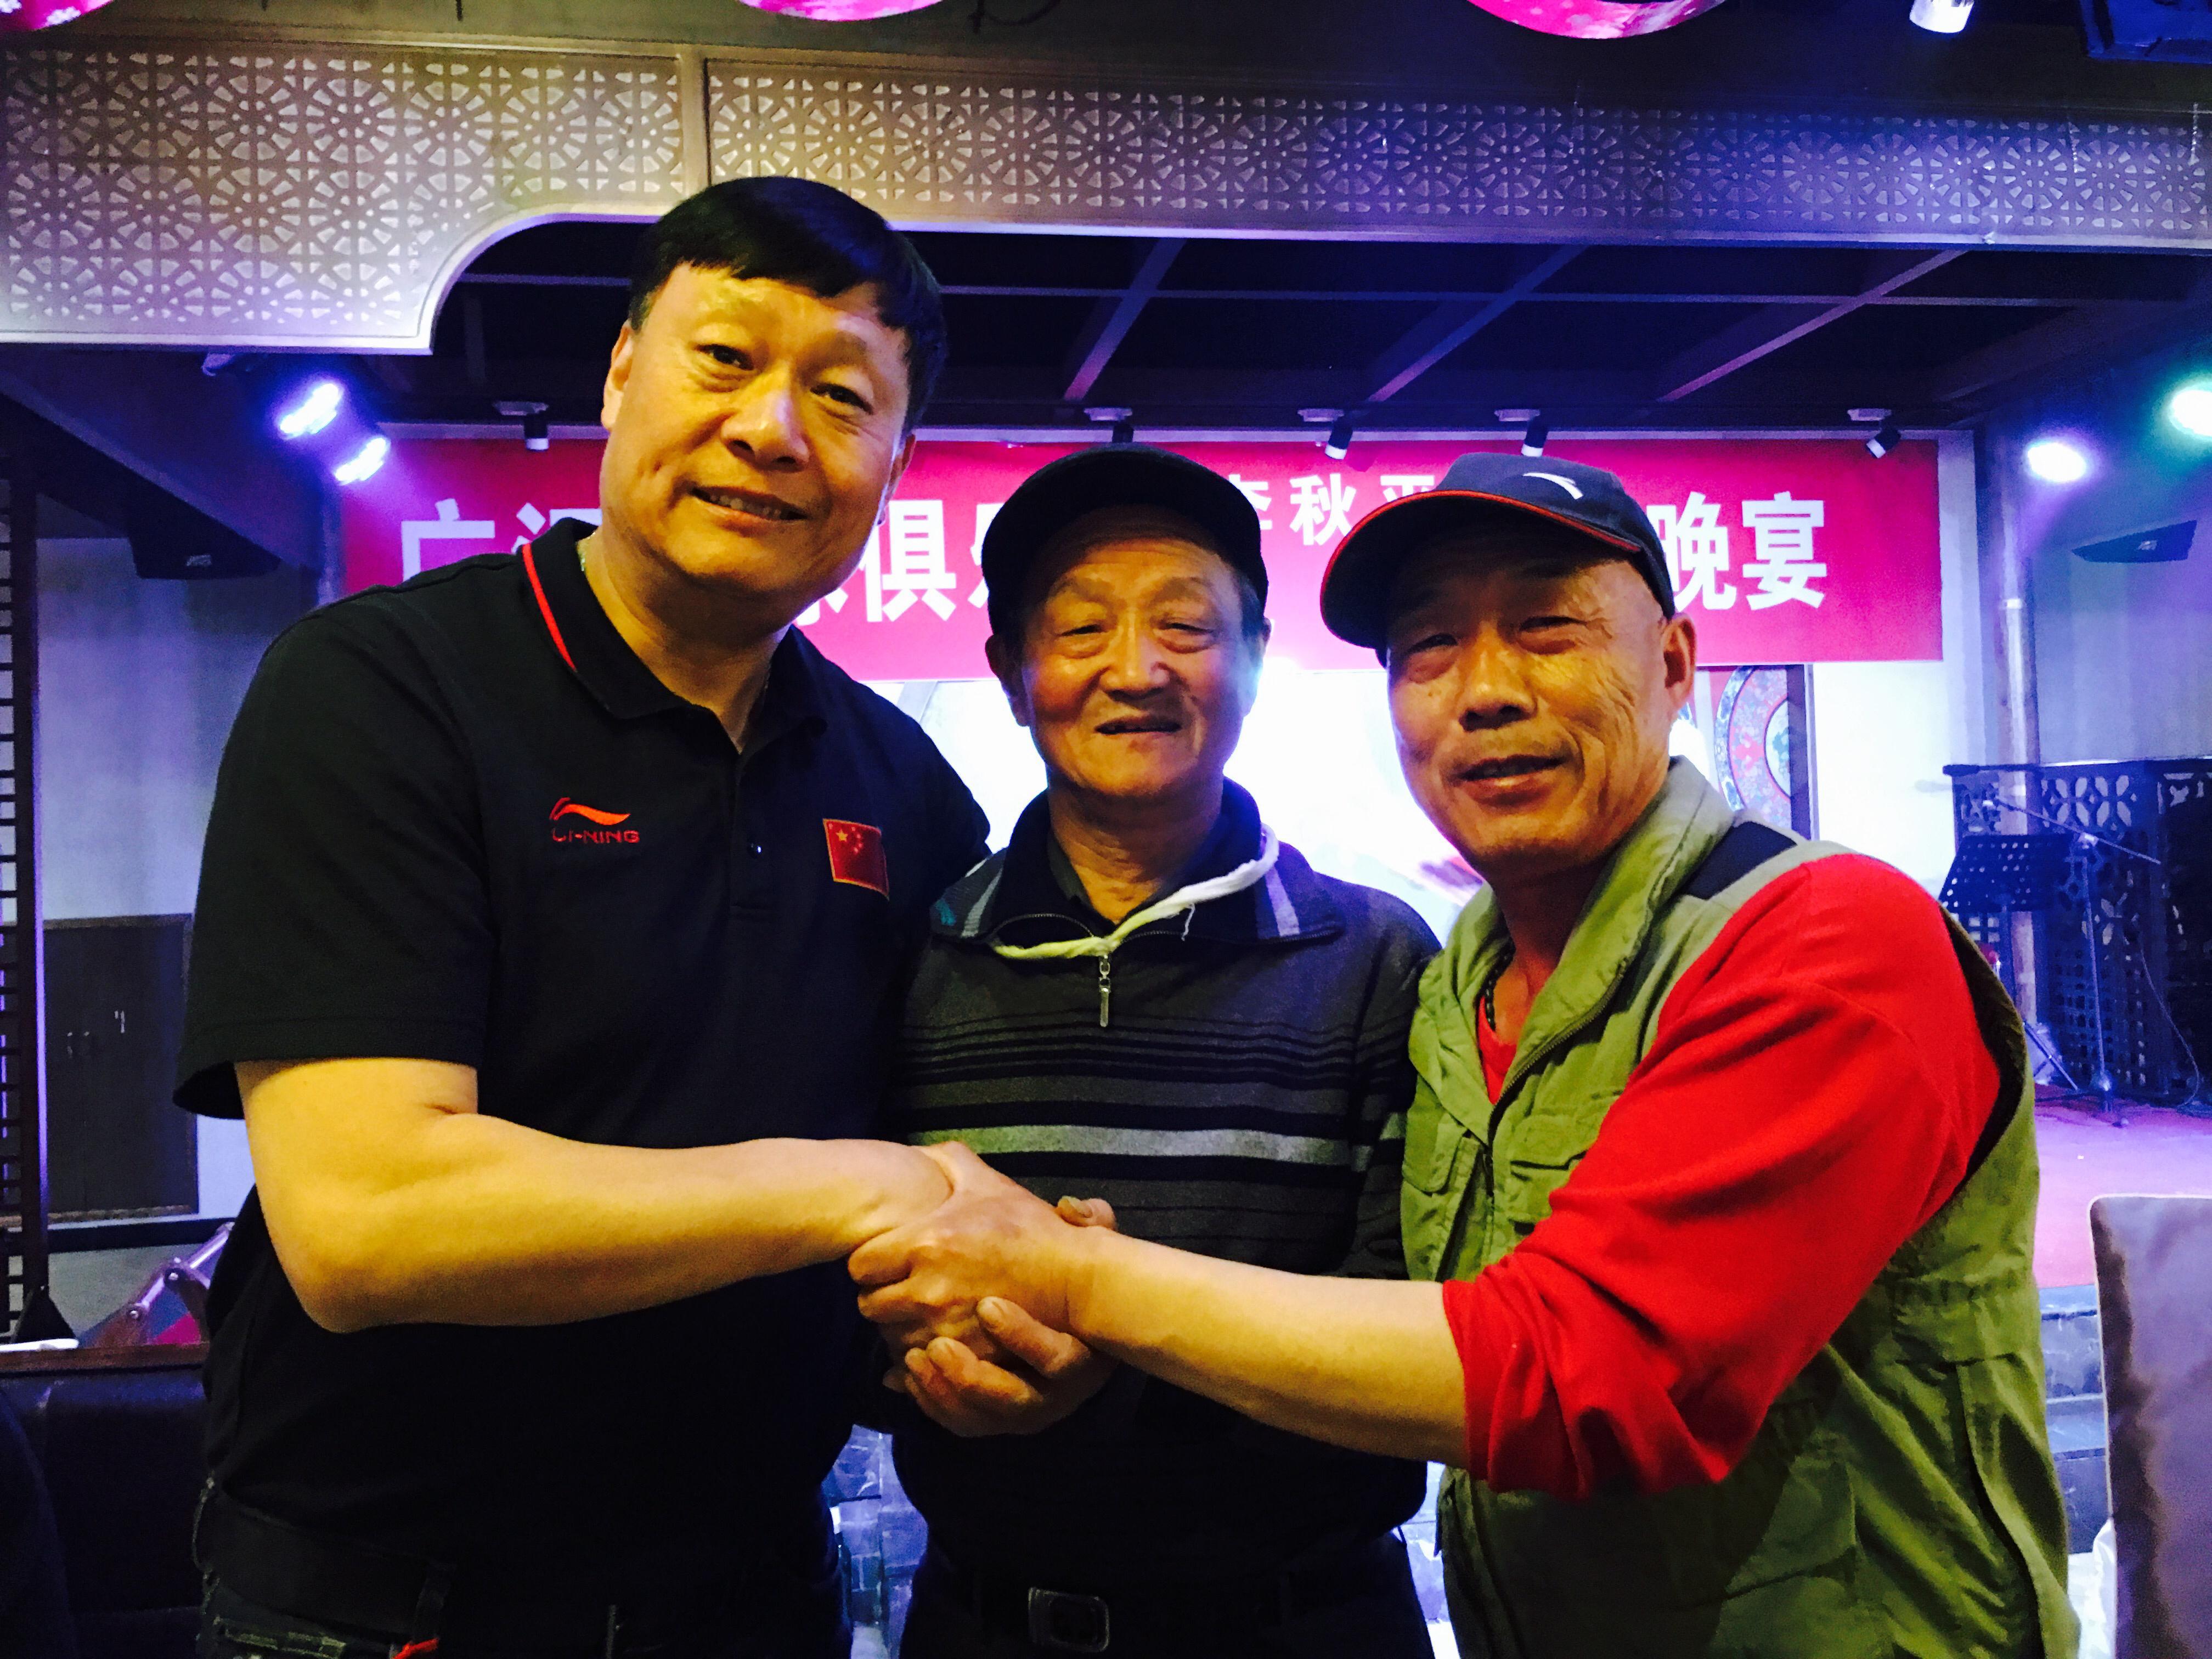 李秋平与俱乐部普通工作人员合影留念